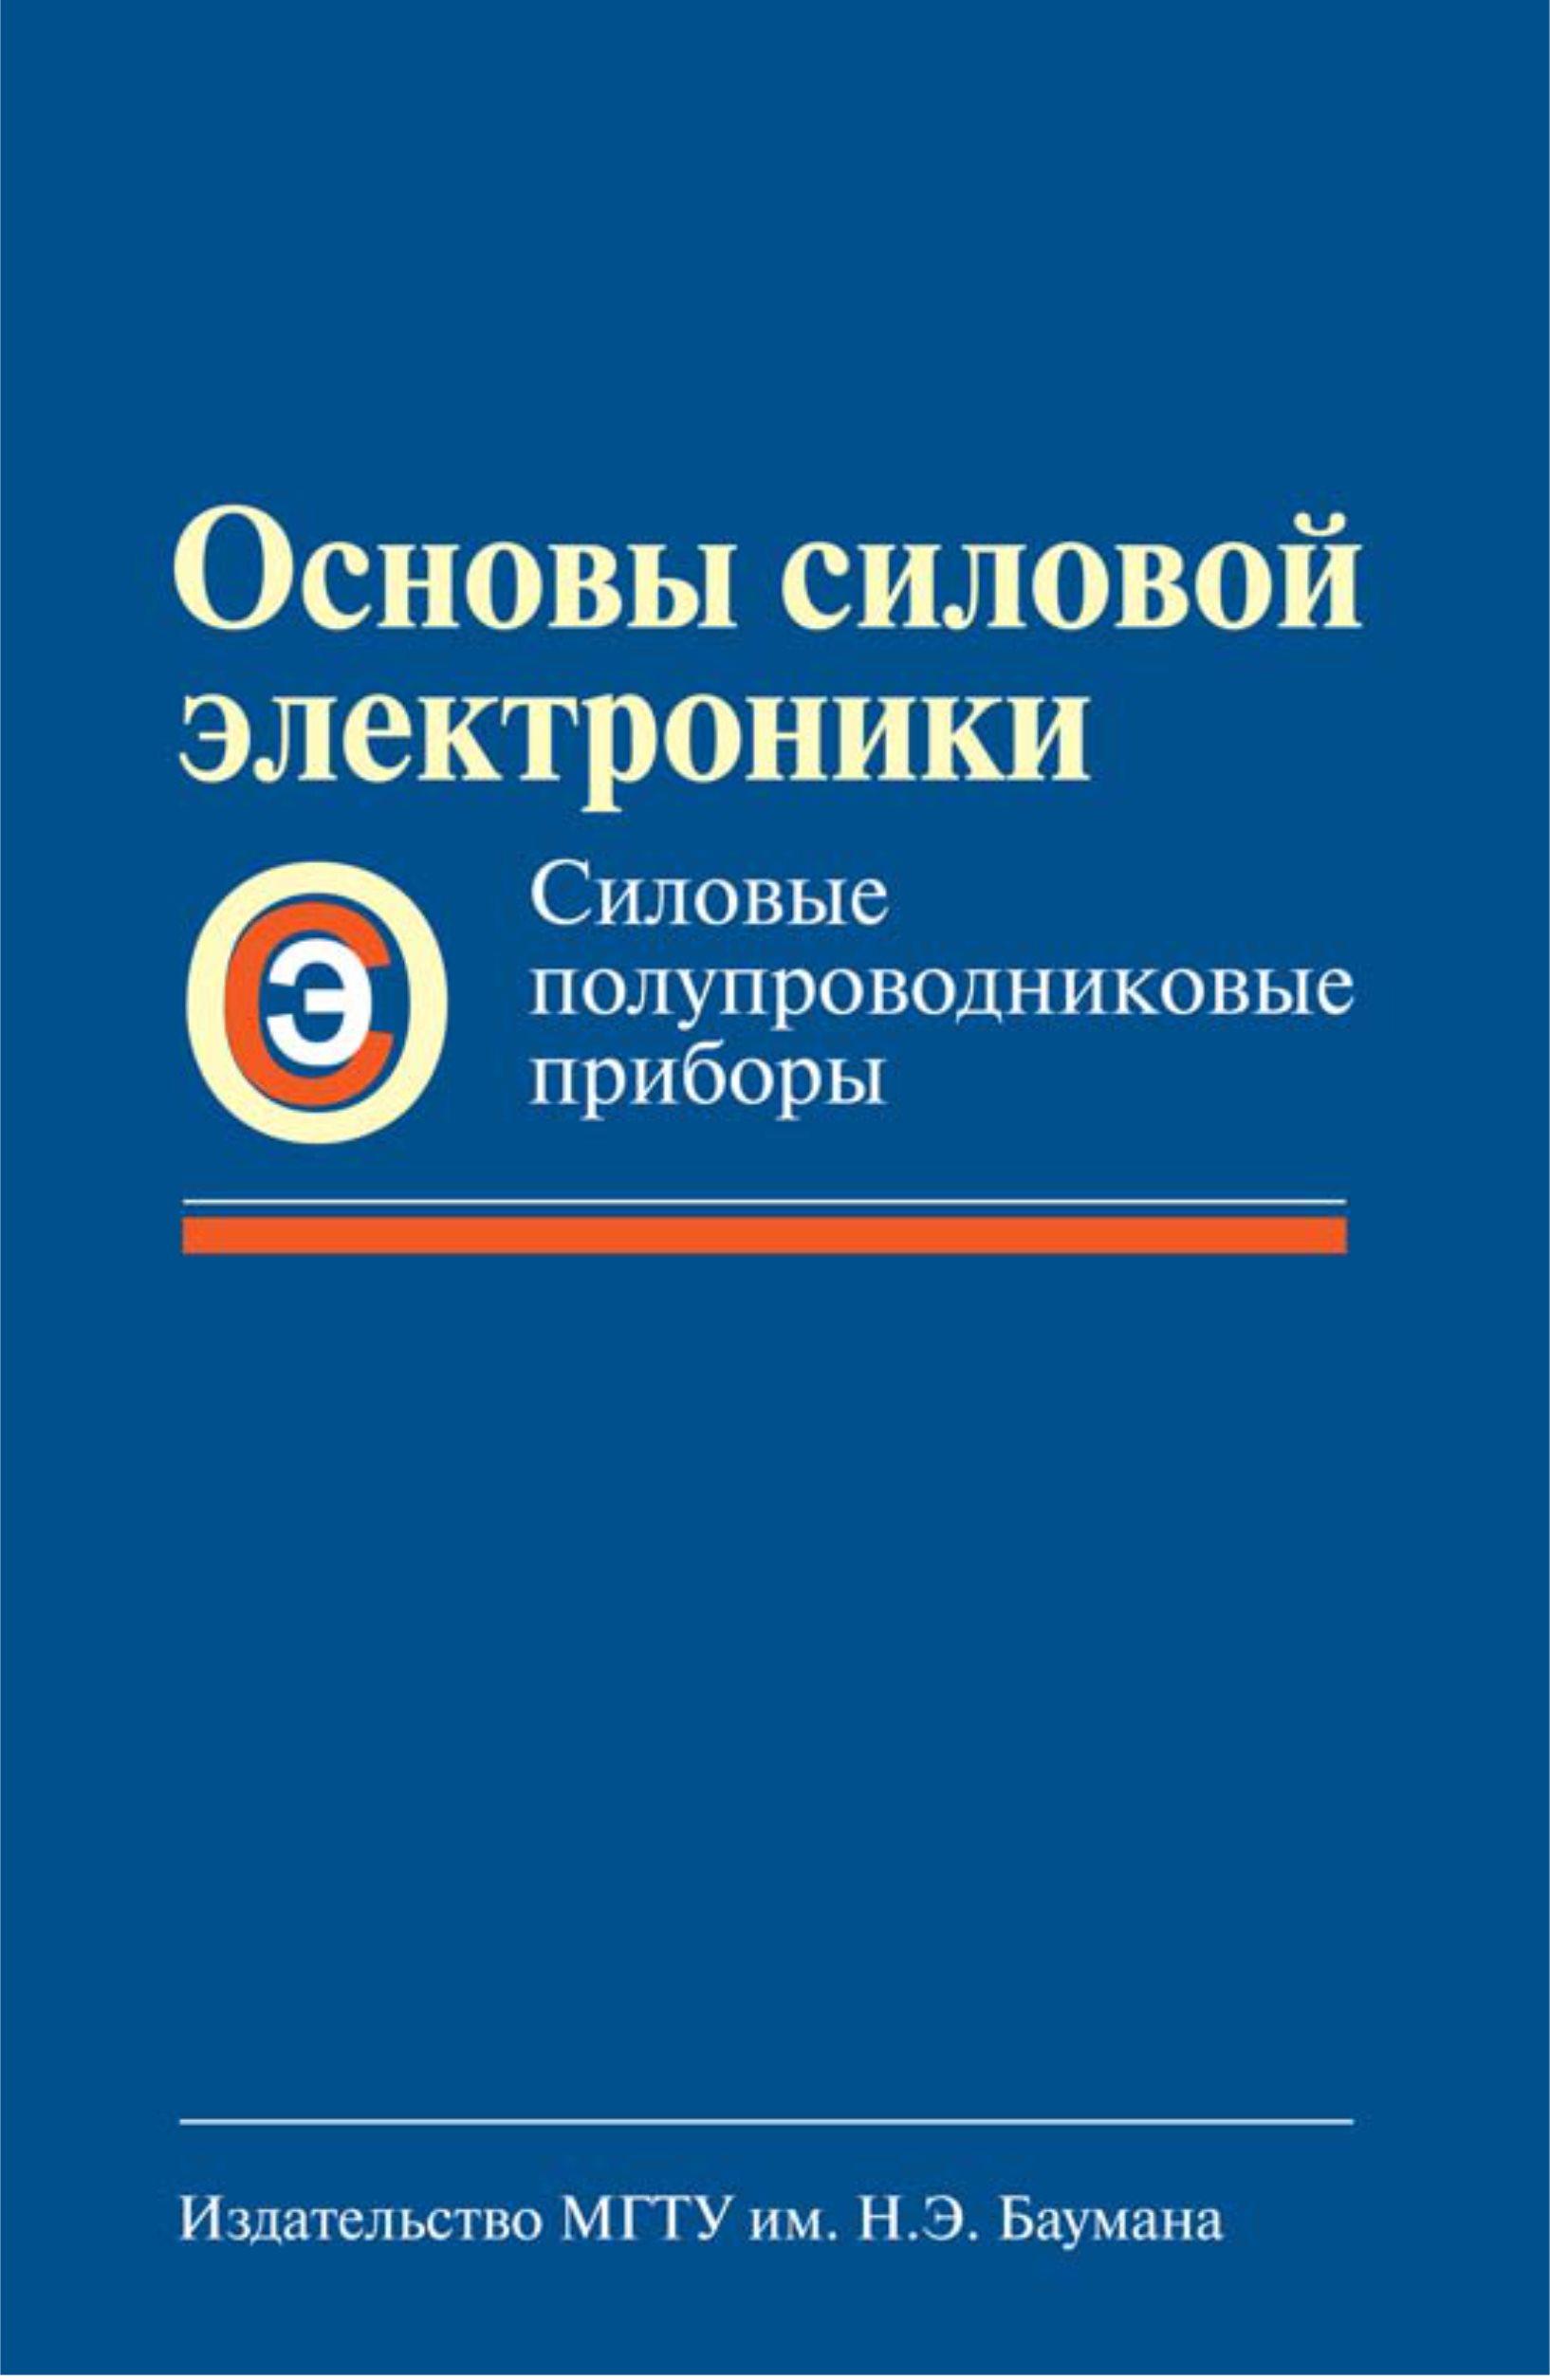 Анатолий Богомяков Основы силовой электроники. Силовые полупроводниковые приборы цена